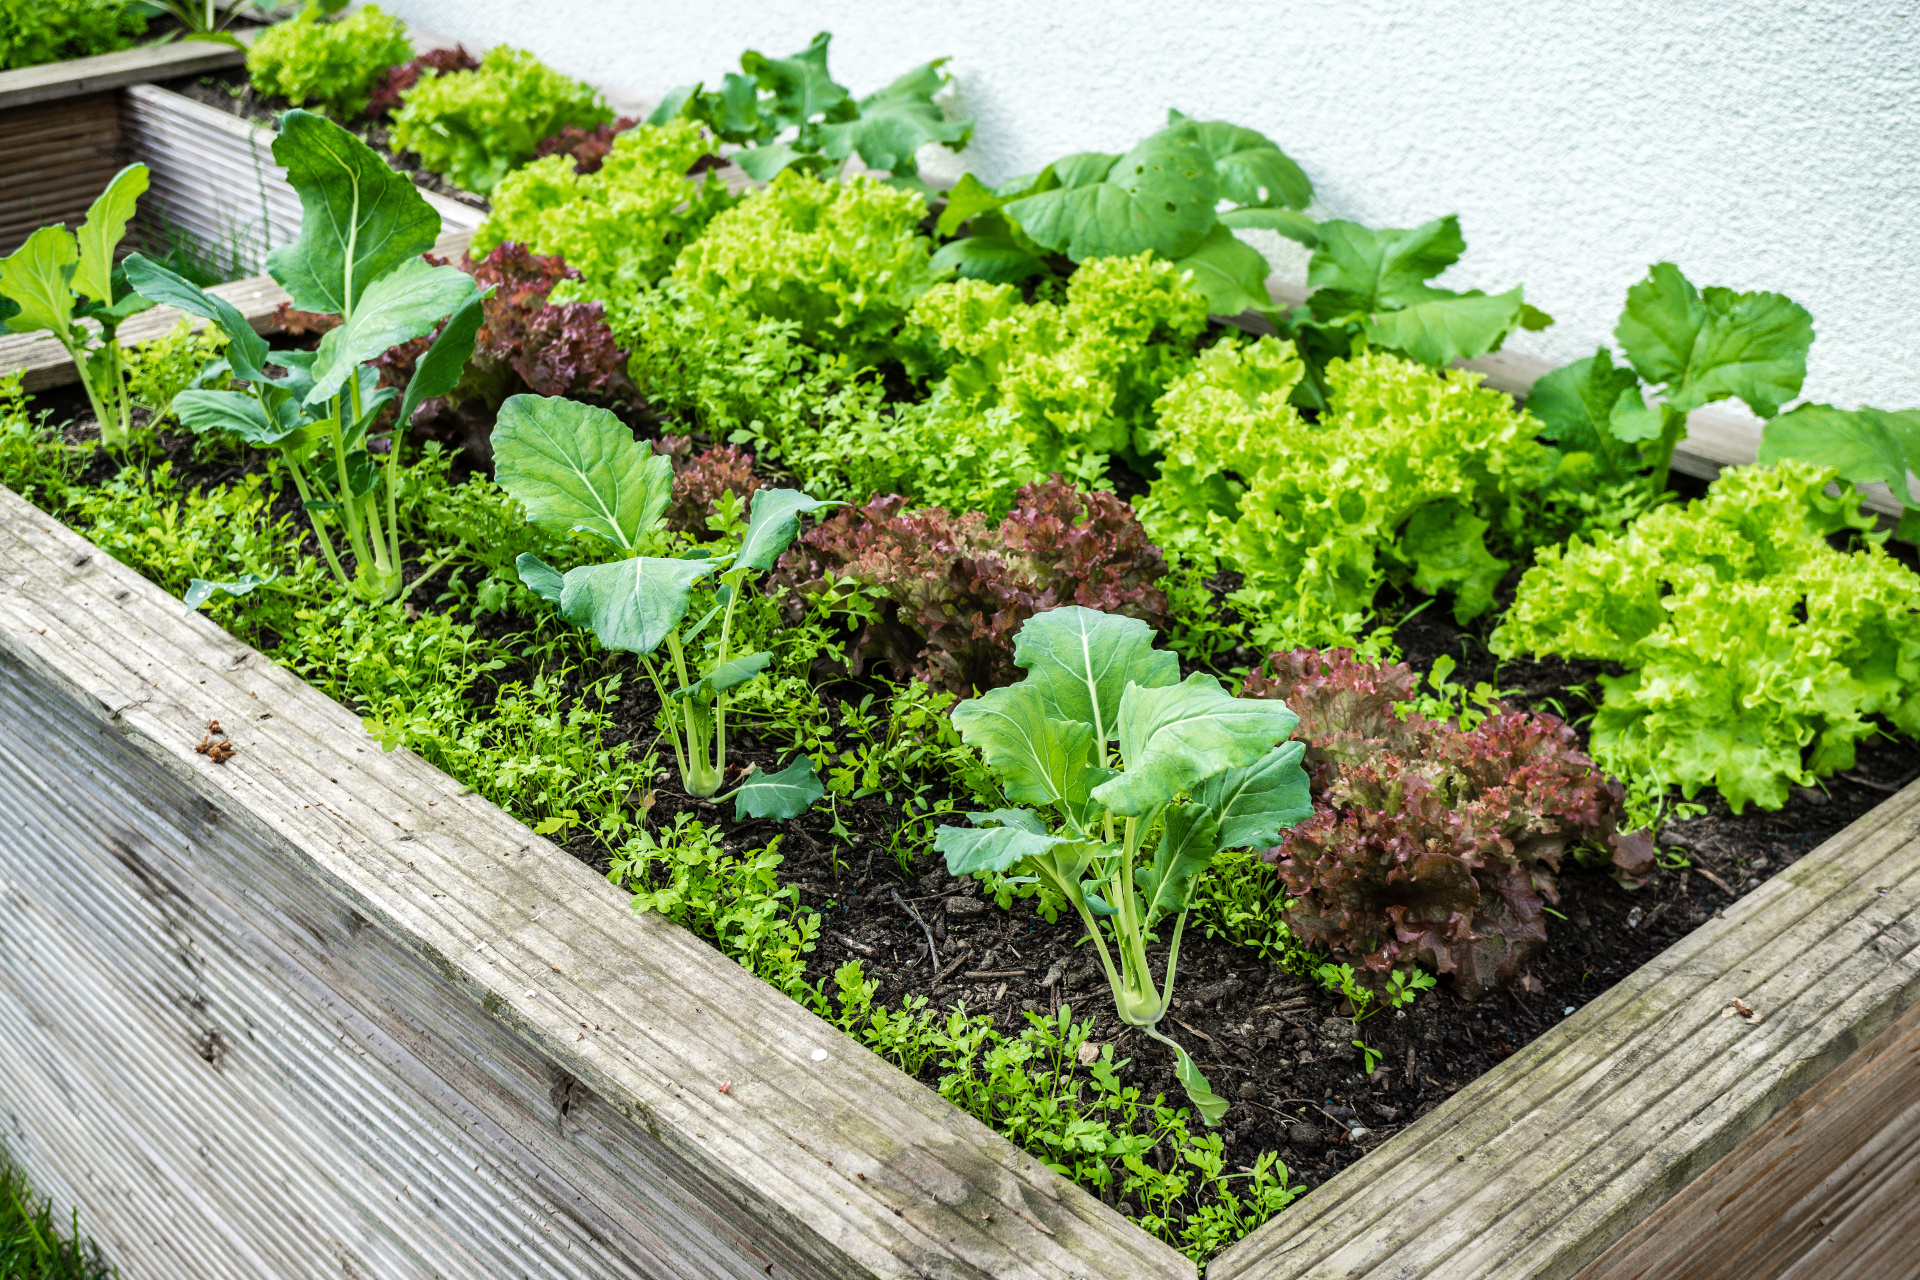 Full Size of Low Budget Hochbeet Selber Bauen Anleitung Tipps Zur Bepflanzung Garten Relaxsessel Aldi Wohnzimmer Hochbeet Aldi